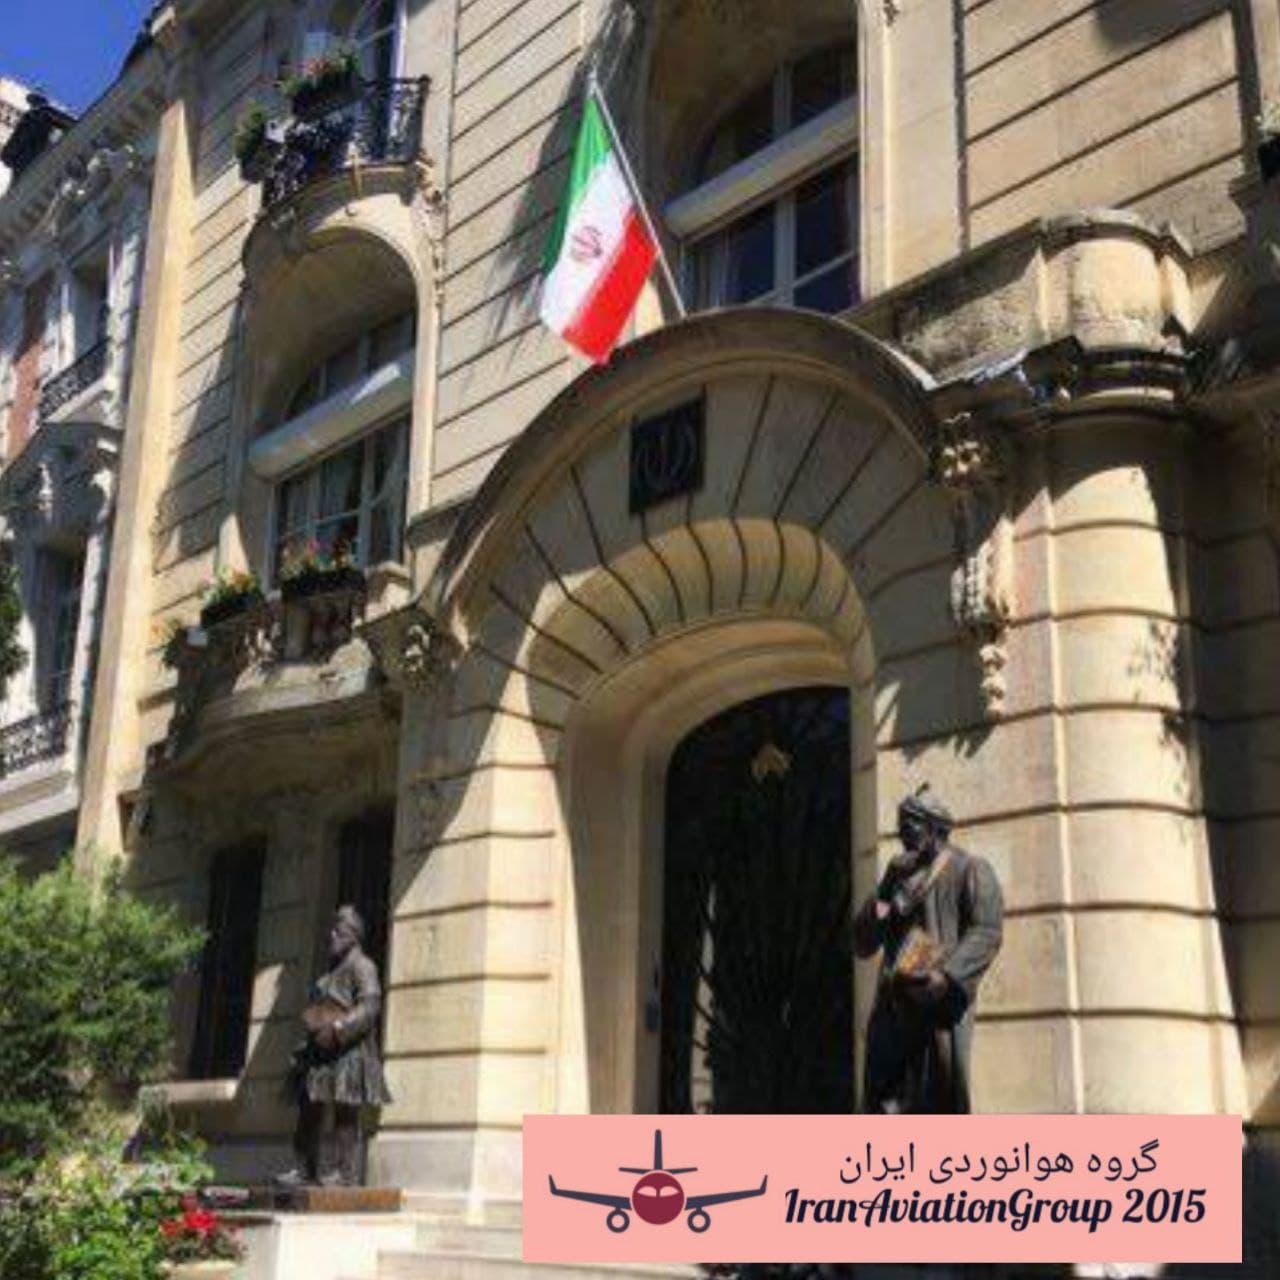 سفارت+ایران+فرانسه